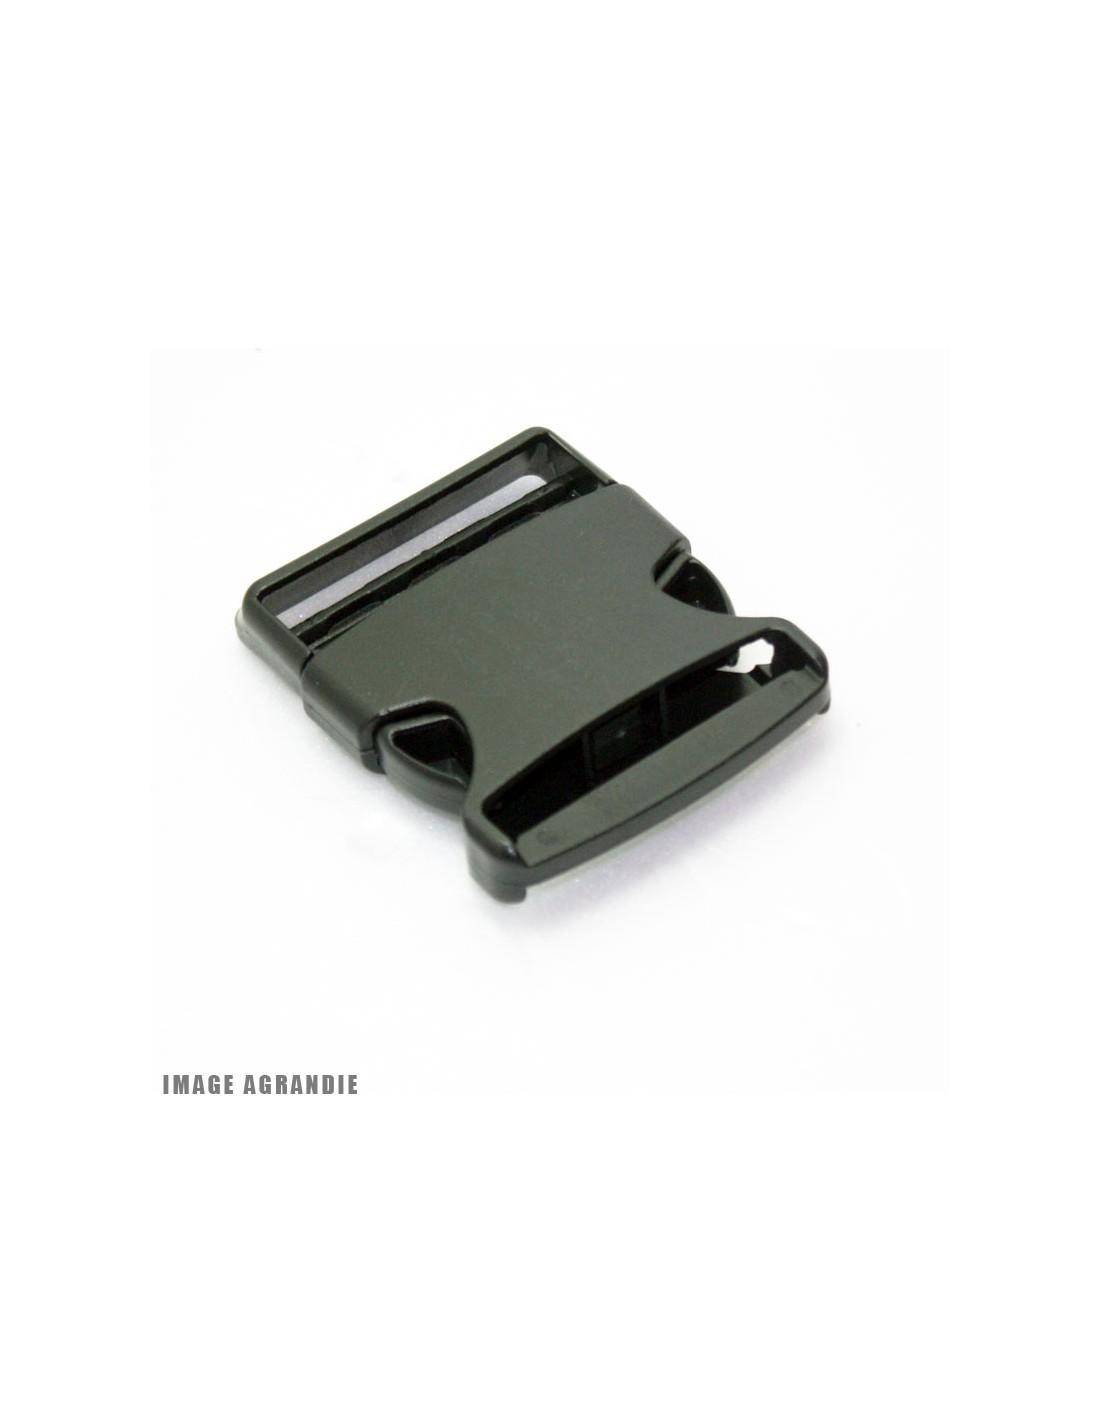 1 x 50mm Boucle Attache Rapide   Fermoir Clip   Plastique   Noir   Rigide    Plat 4be95944c94